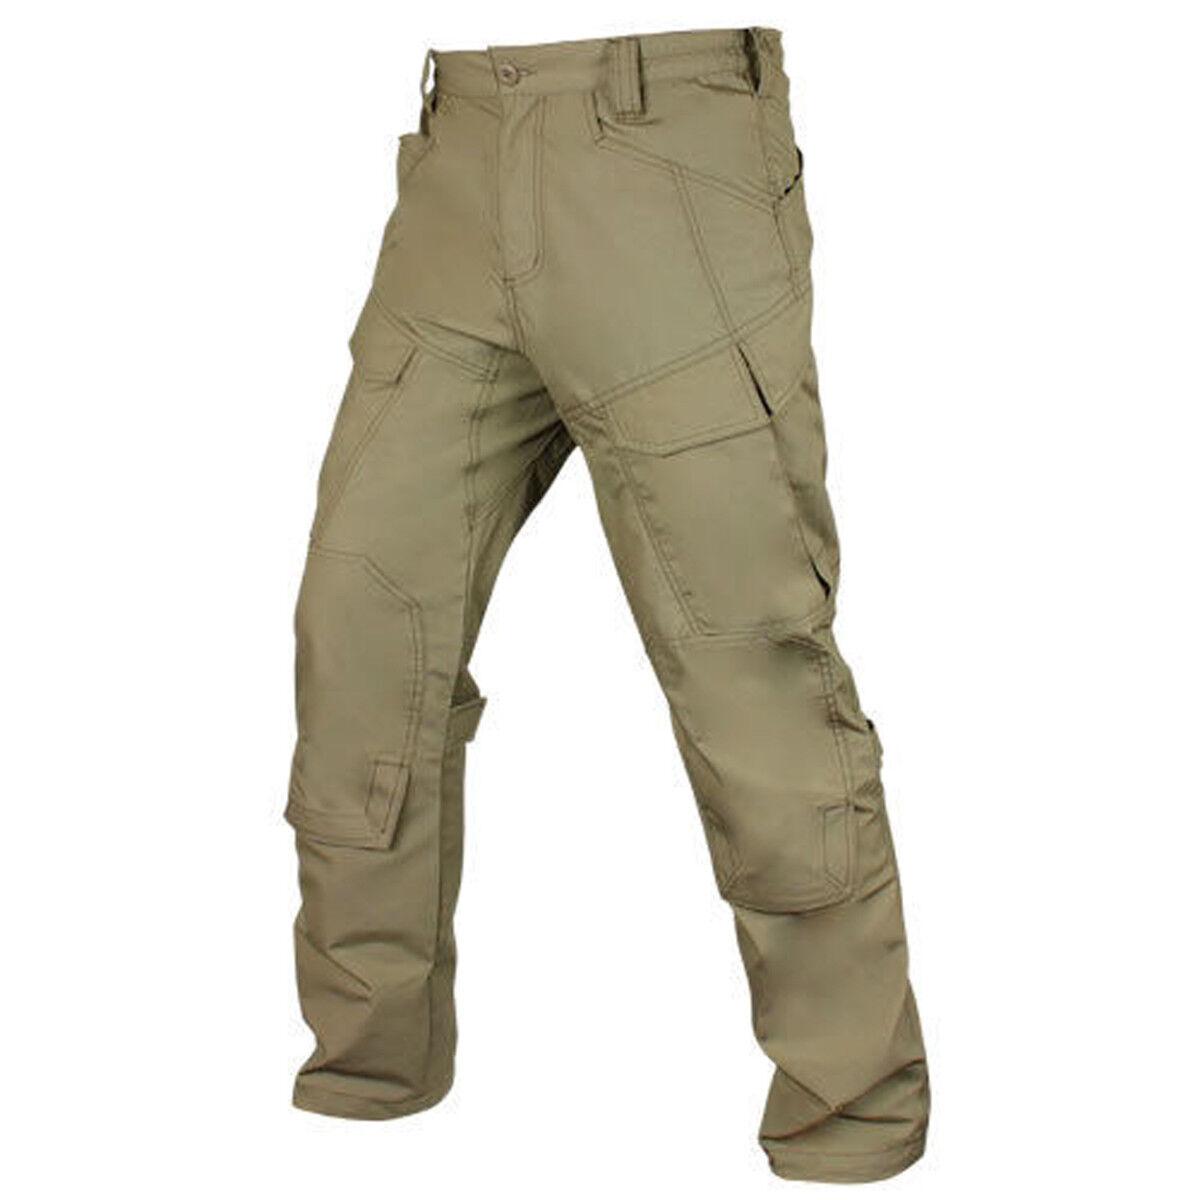 Condor Tac-Ops Pants - Stone - 38X34 - New - 101077-030-38-34